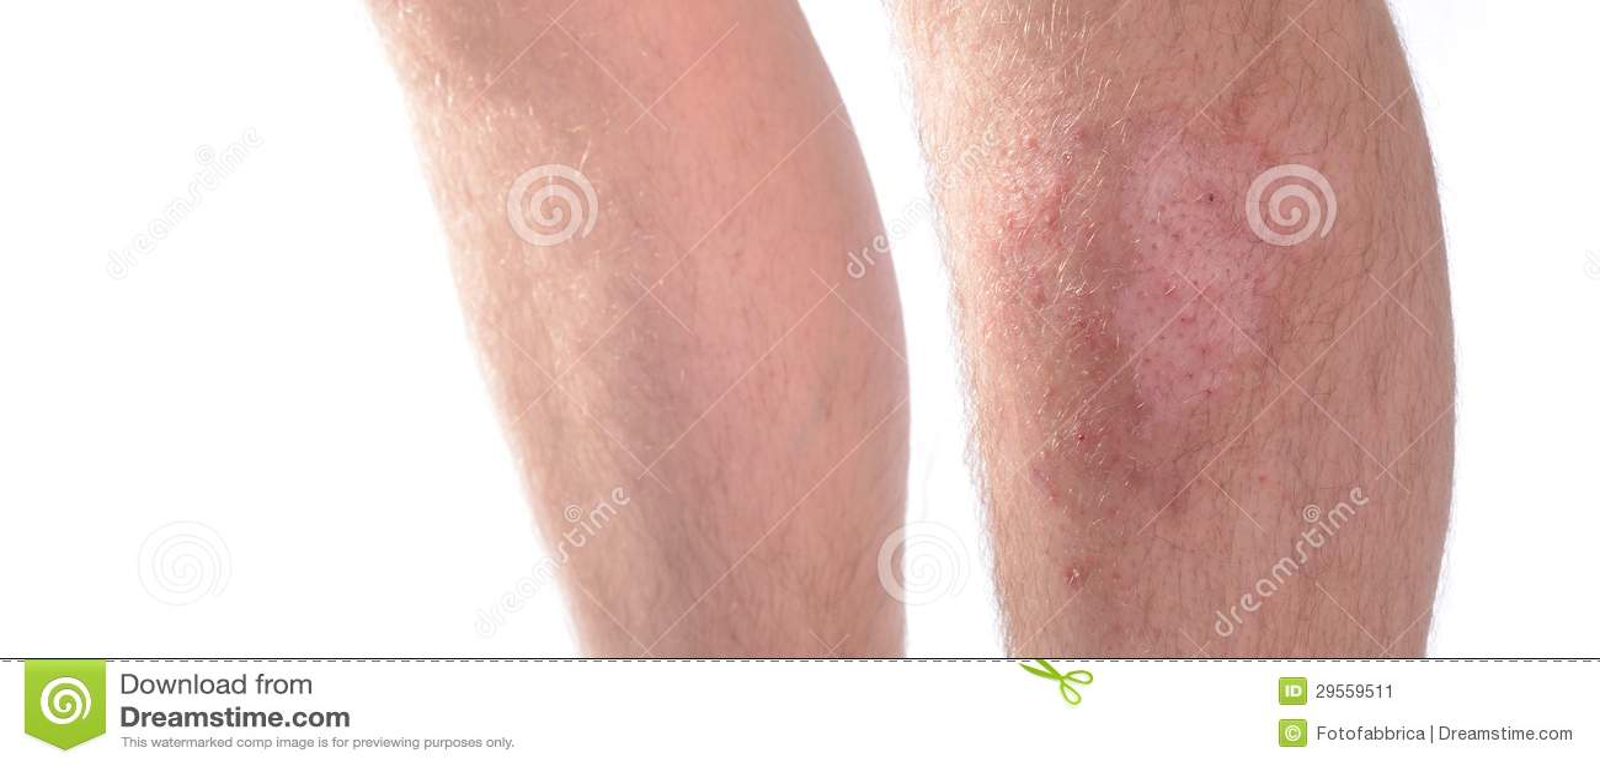 Crema di decolorazione per la pelle di swarty